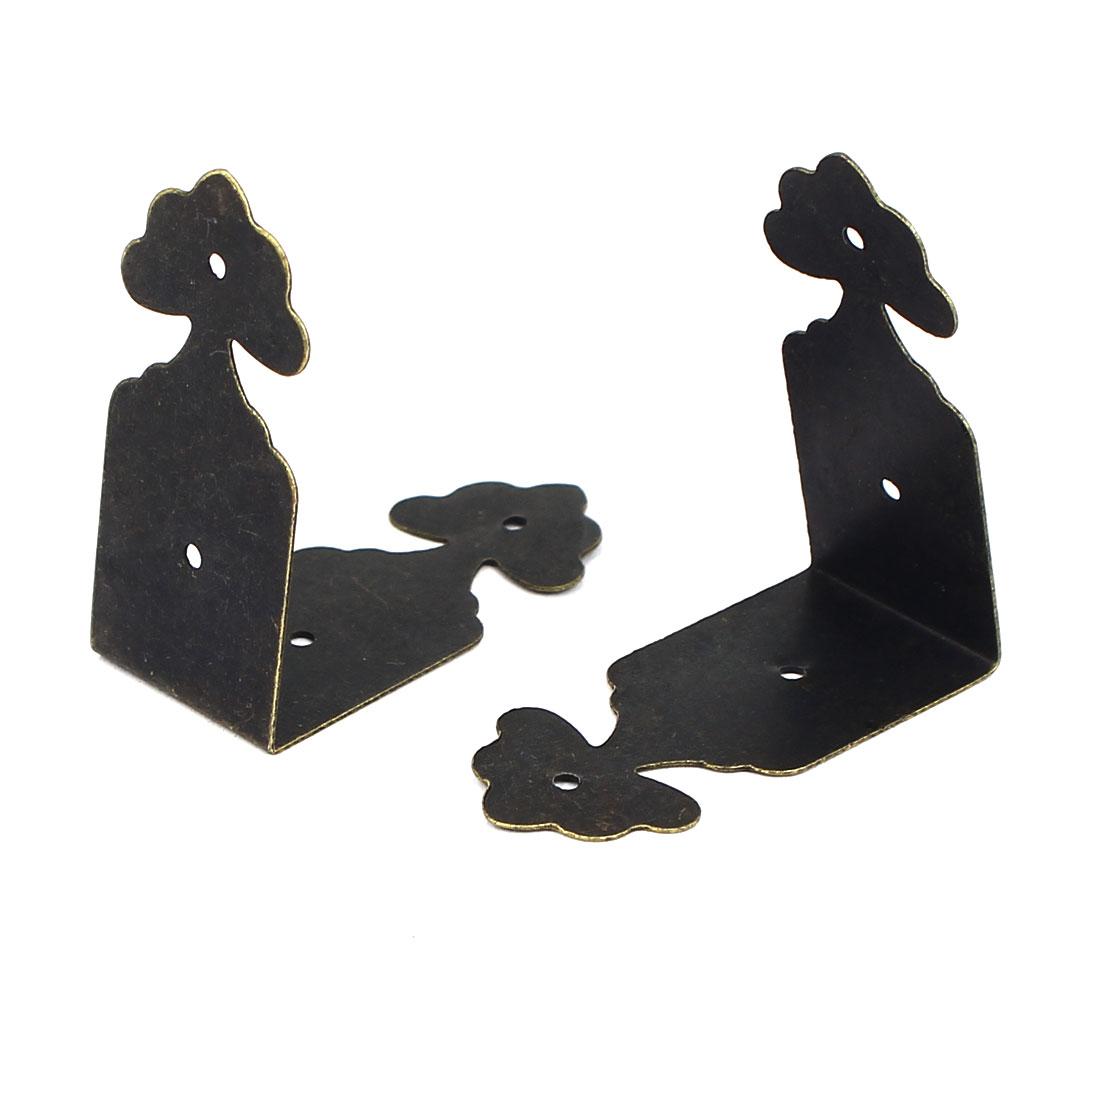 A16032800ux0978 40 x 18 mm en forme de L en bois de style antique Bo te cadeau Bordure meubles – Bronze Tone (20 pièces) - image 1 de 2